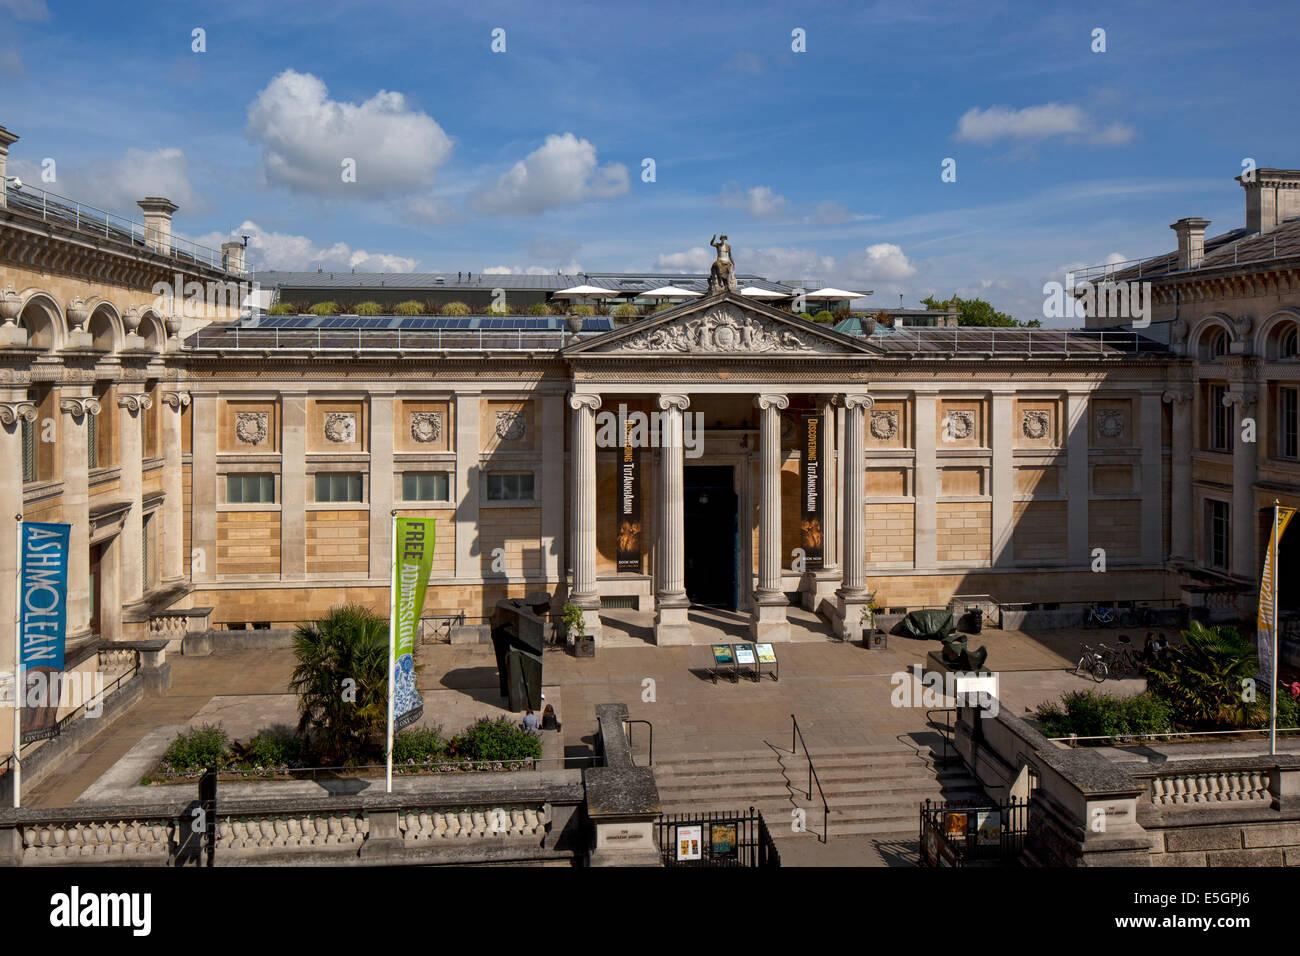 Facciata principale e ingresso al museo Ashmolean Museum di Oxford Inghilterra Foto Stock